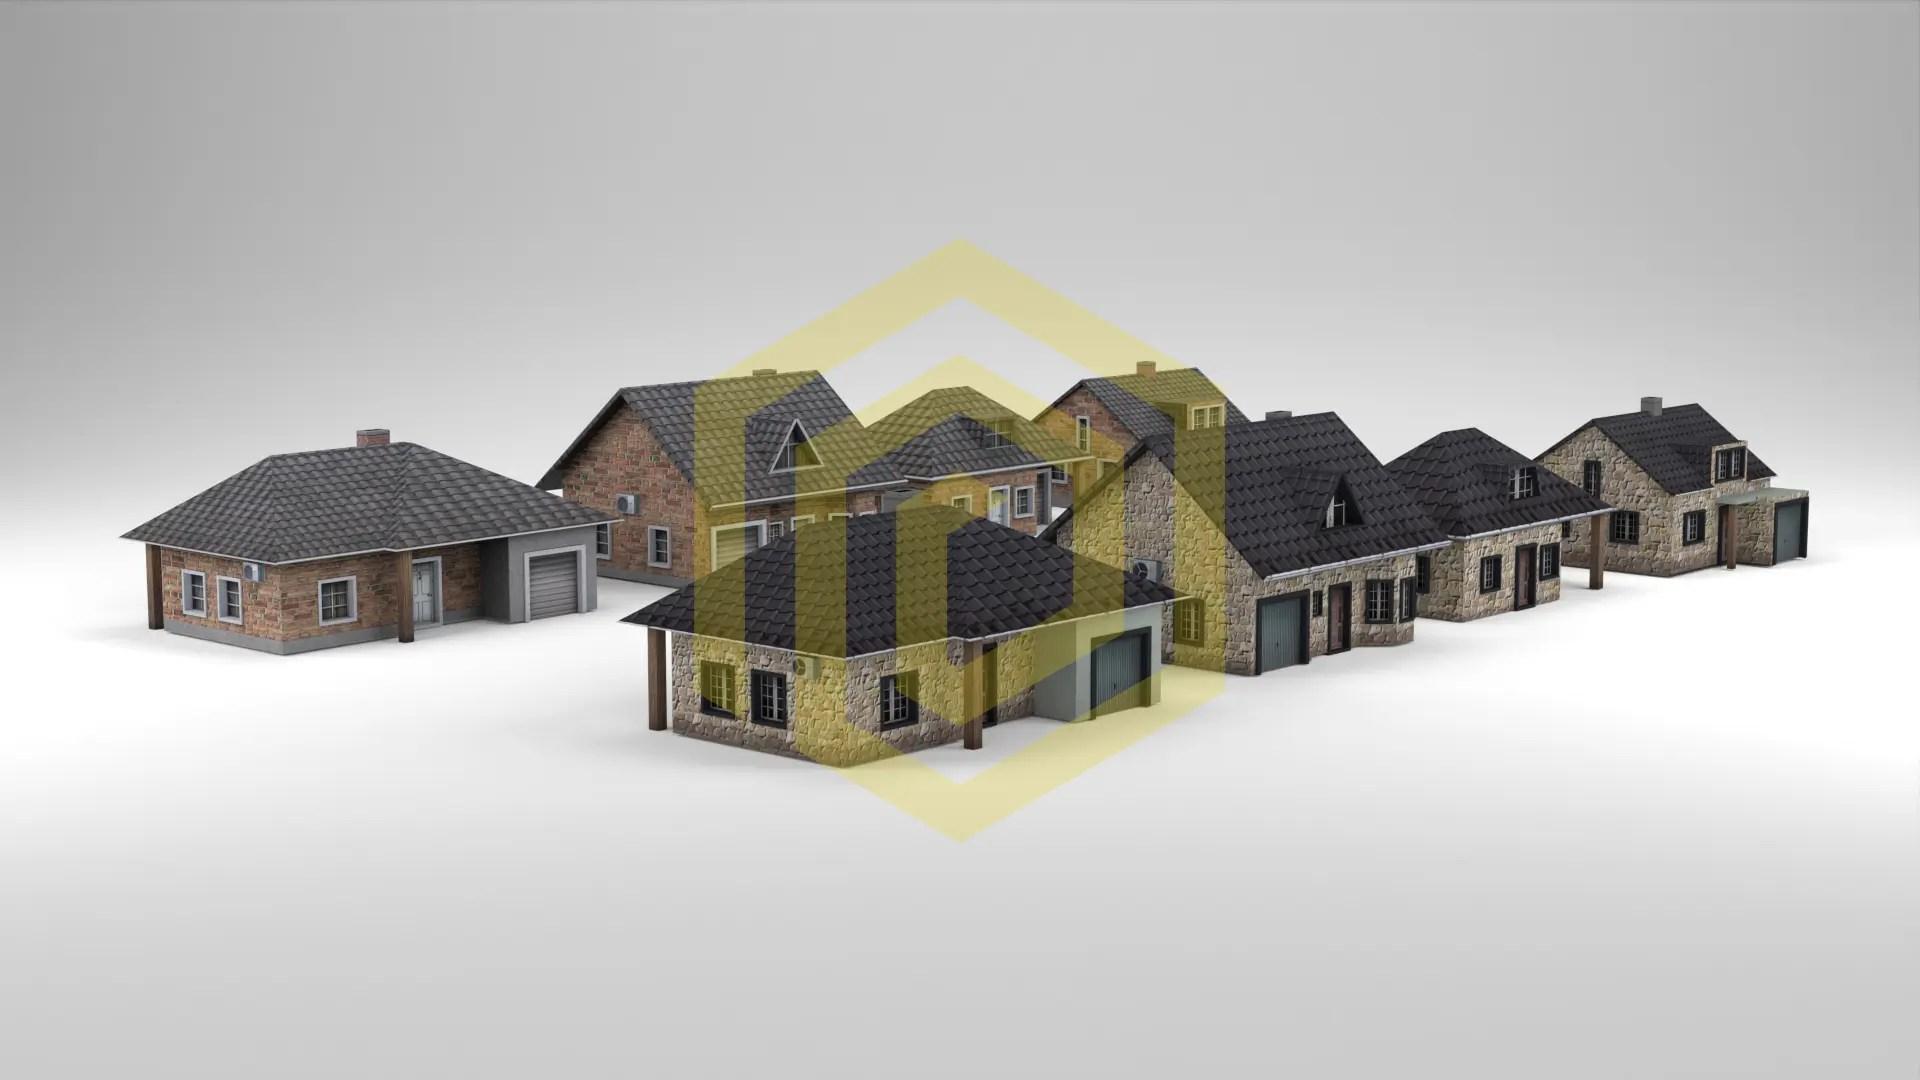 Architektur Visualisierung in Weißraum low-poly